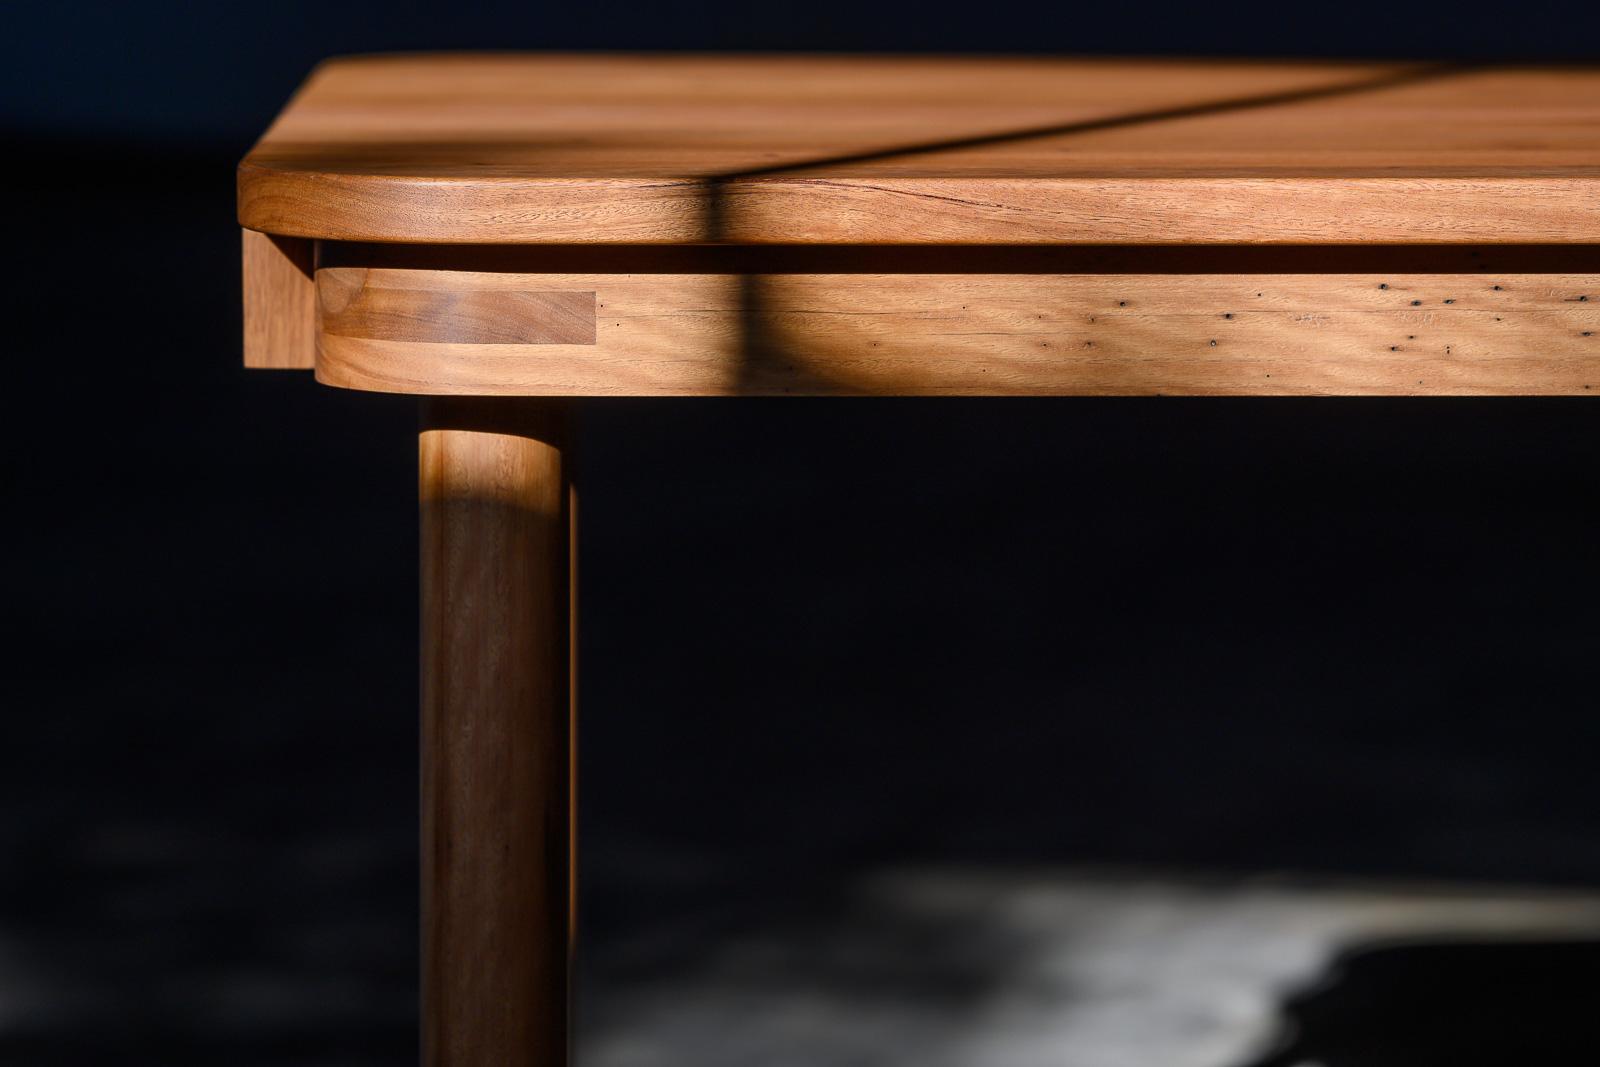 Corner rail detail